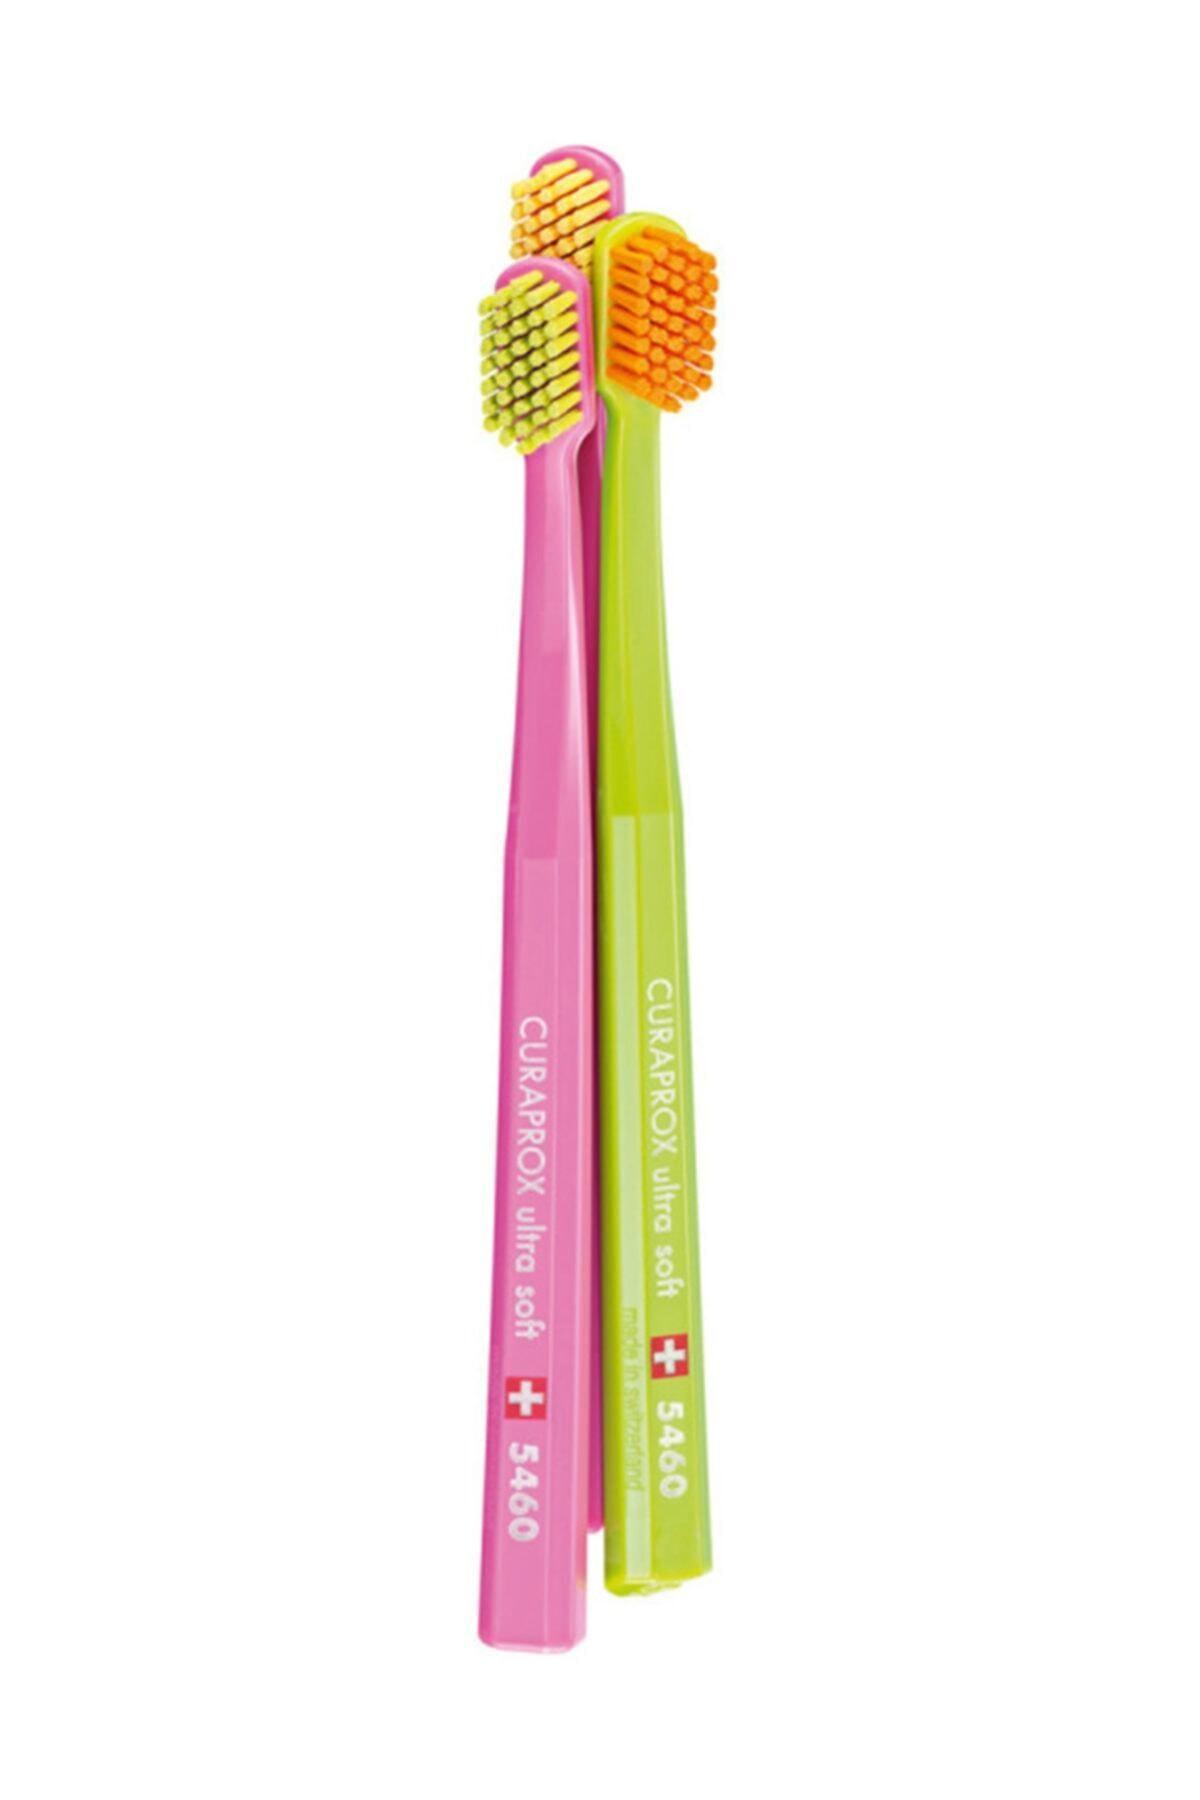 Curaprox Cs 5460 Ultra Yumuşak Diş Fırçası 1